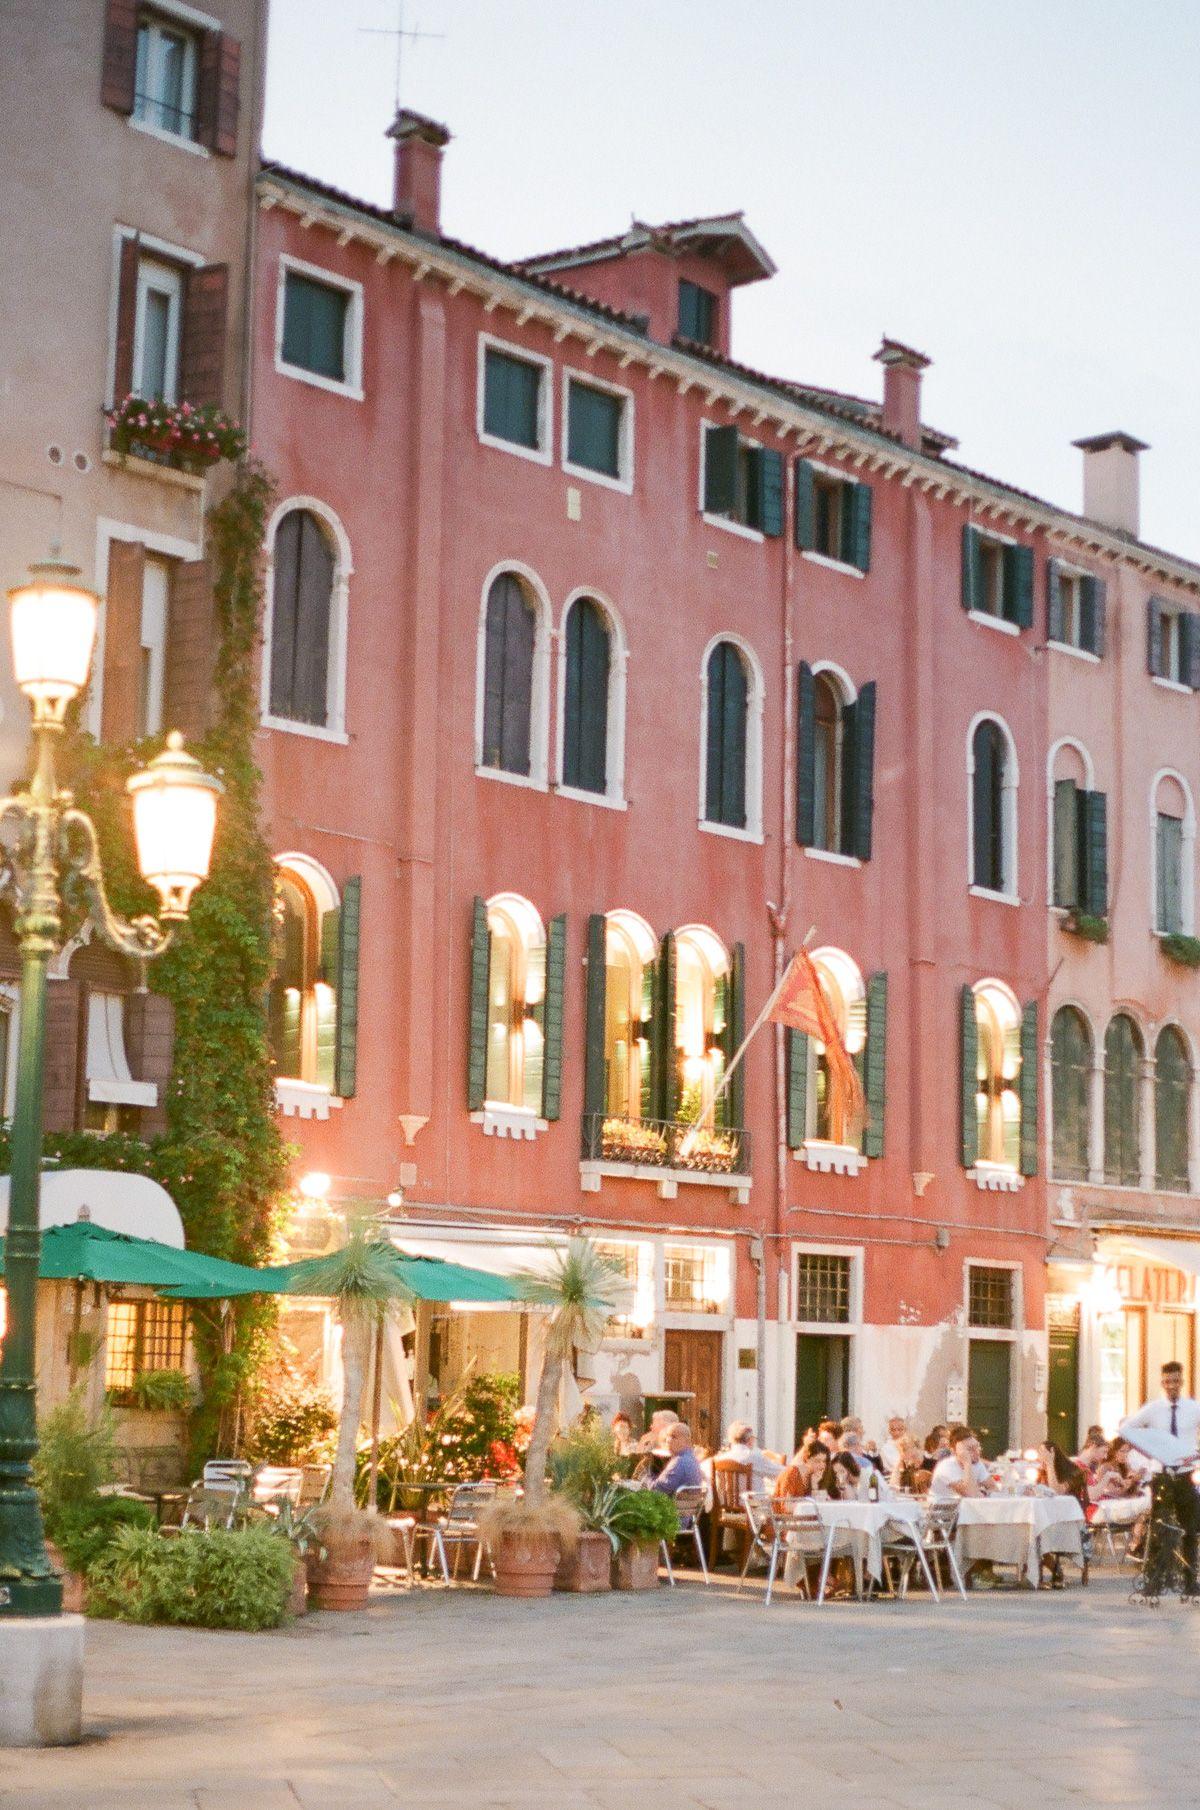 Italy #ohtheplacesillgo